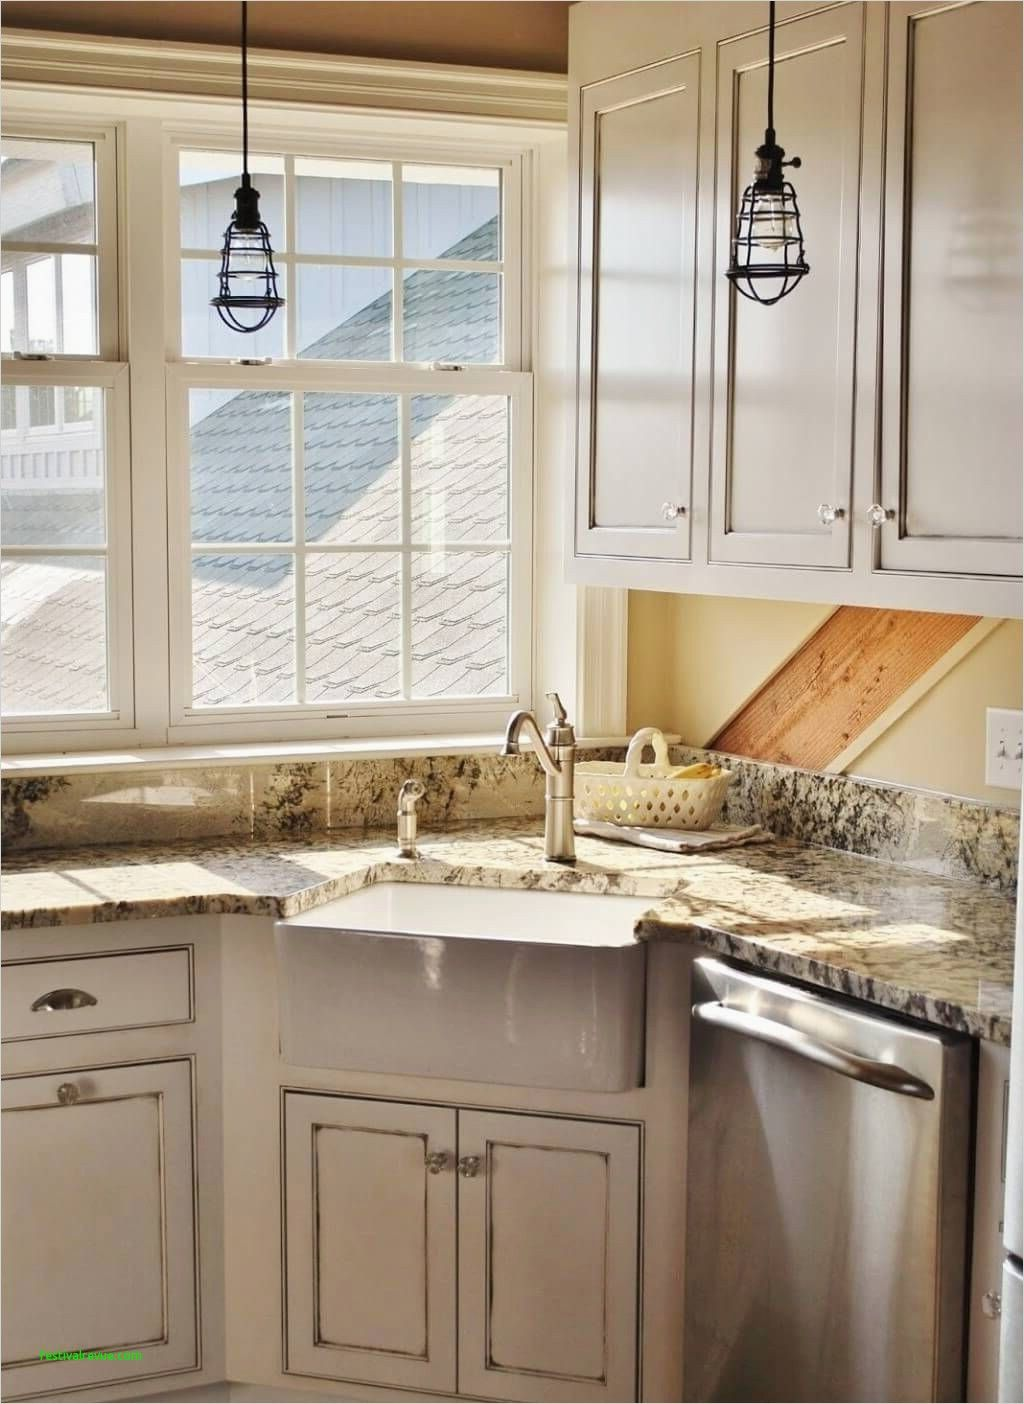 Home 35 Fresh Sink In Kitchen Corner Kitchen Sink Lighting Corner Sink Kitchen Kitchen Sink Design